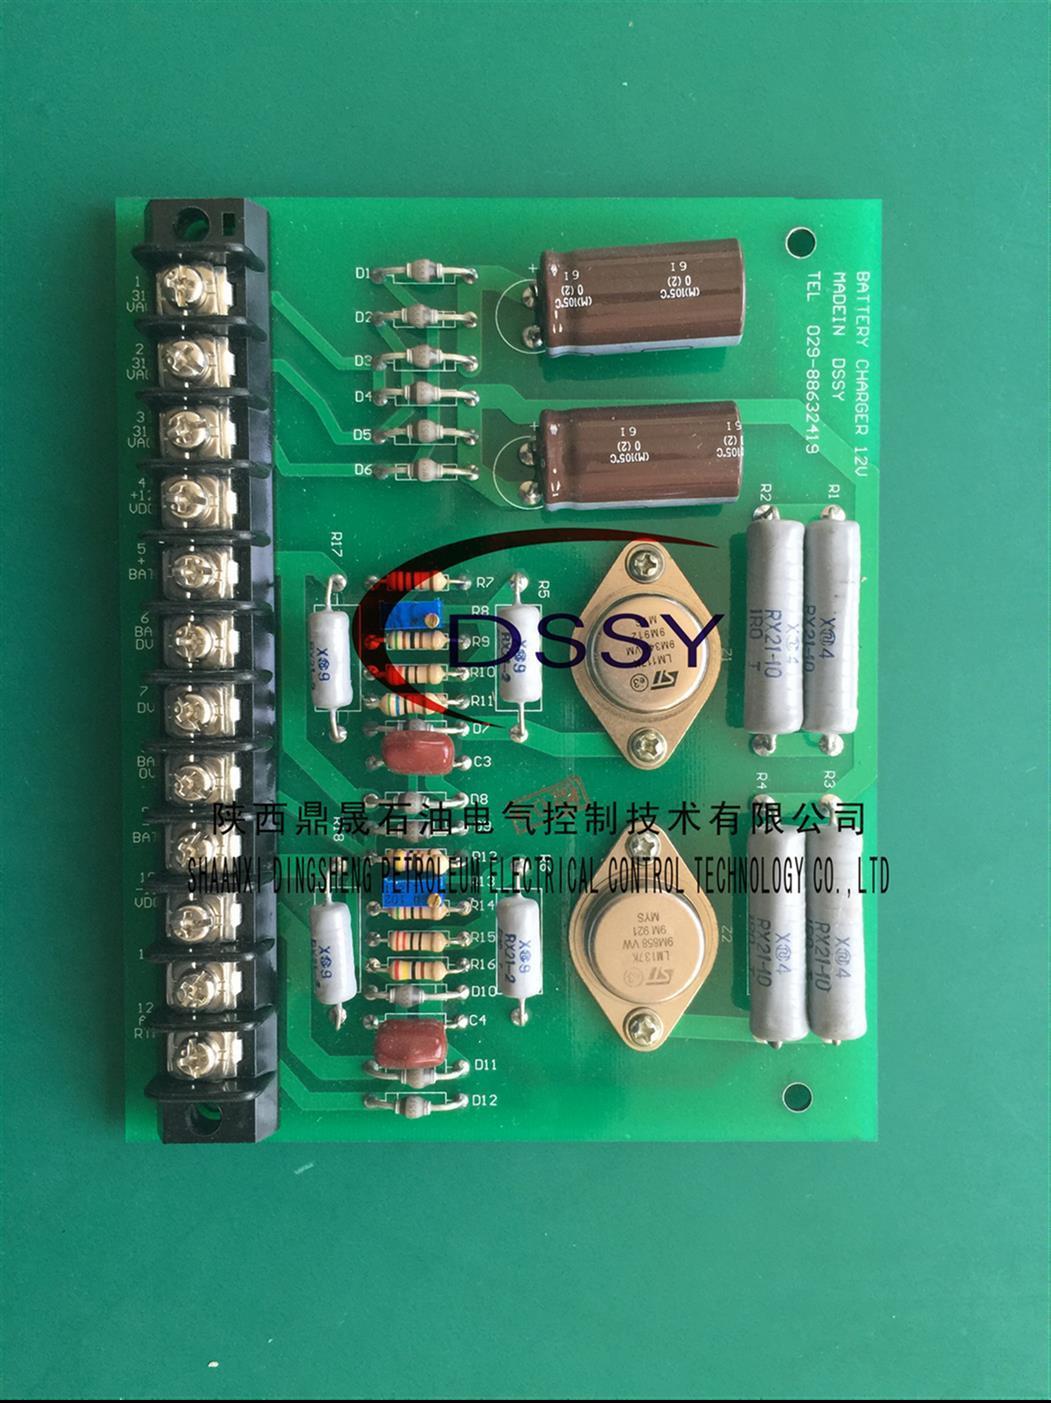 西安宝美电气电磁涡流刹车控制系统电源板0509-1200-00